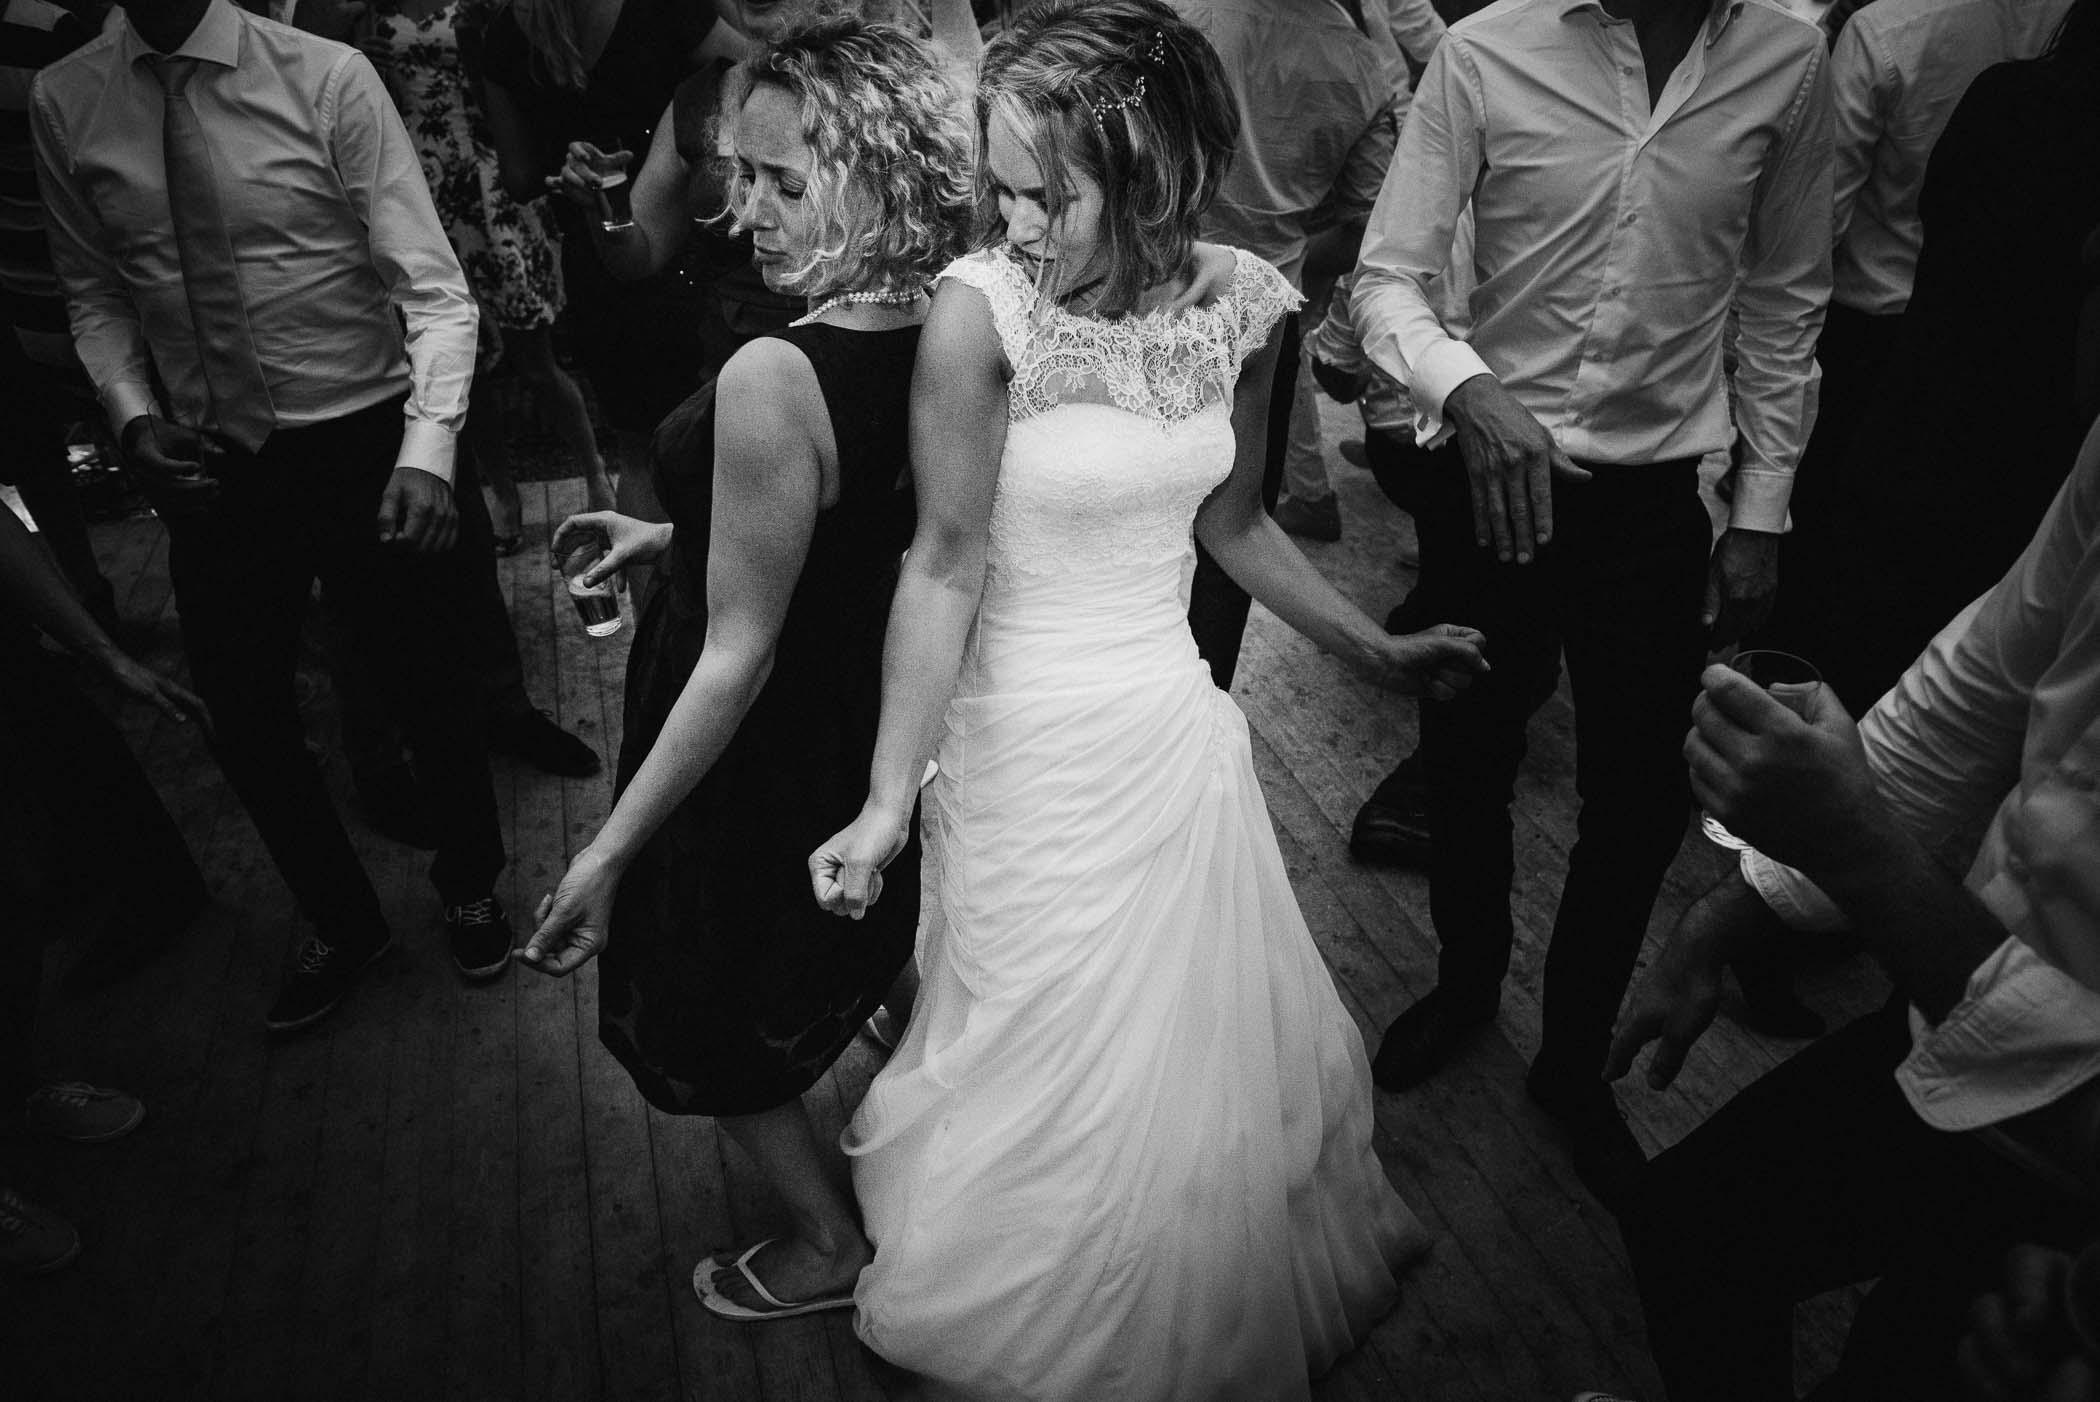 foto's feest trouwen spontaan fotograaf